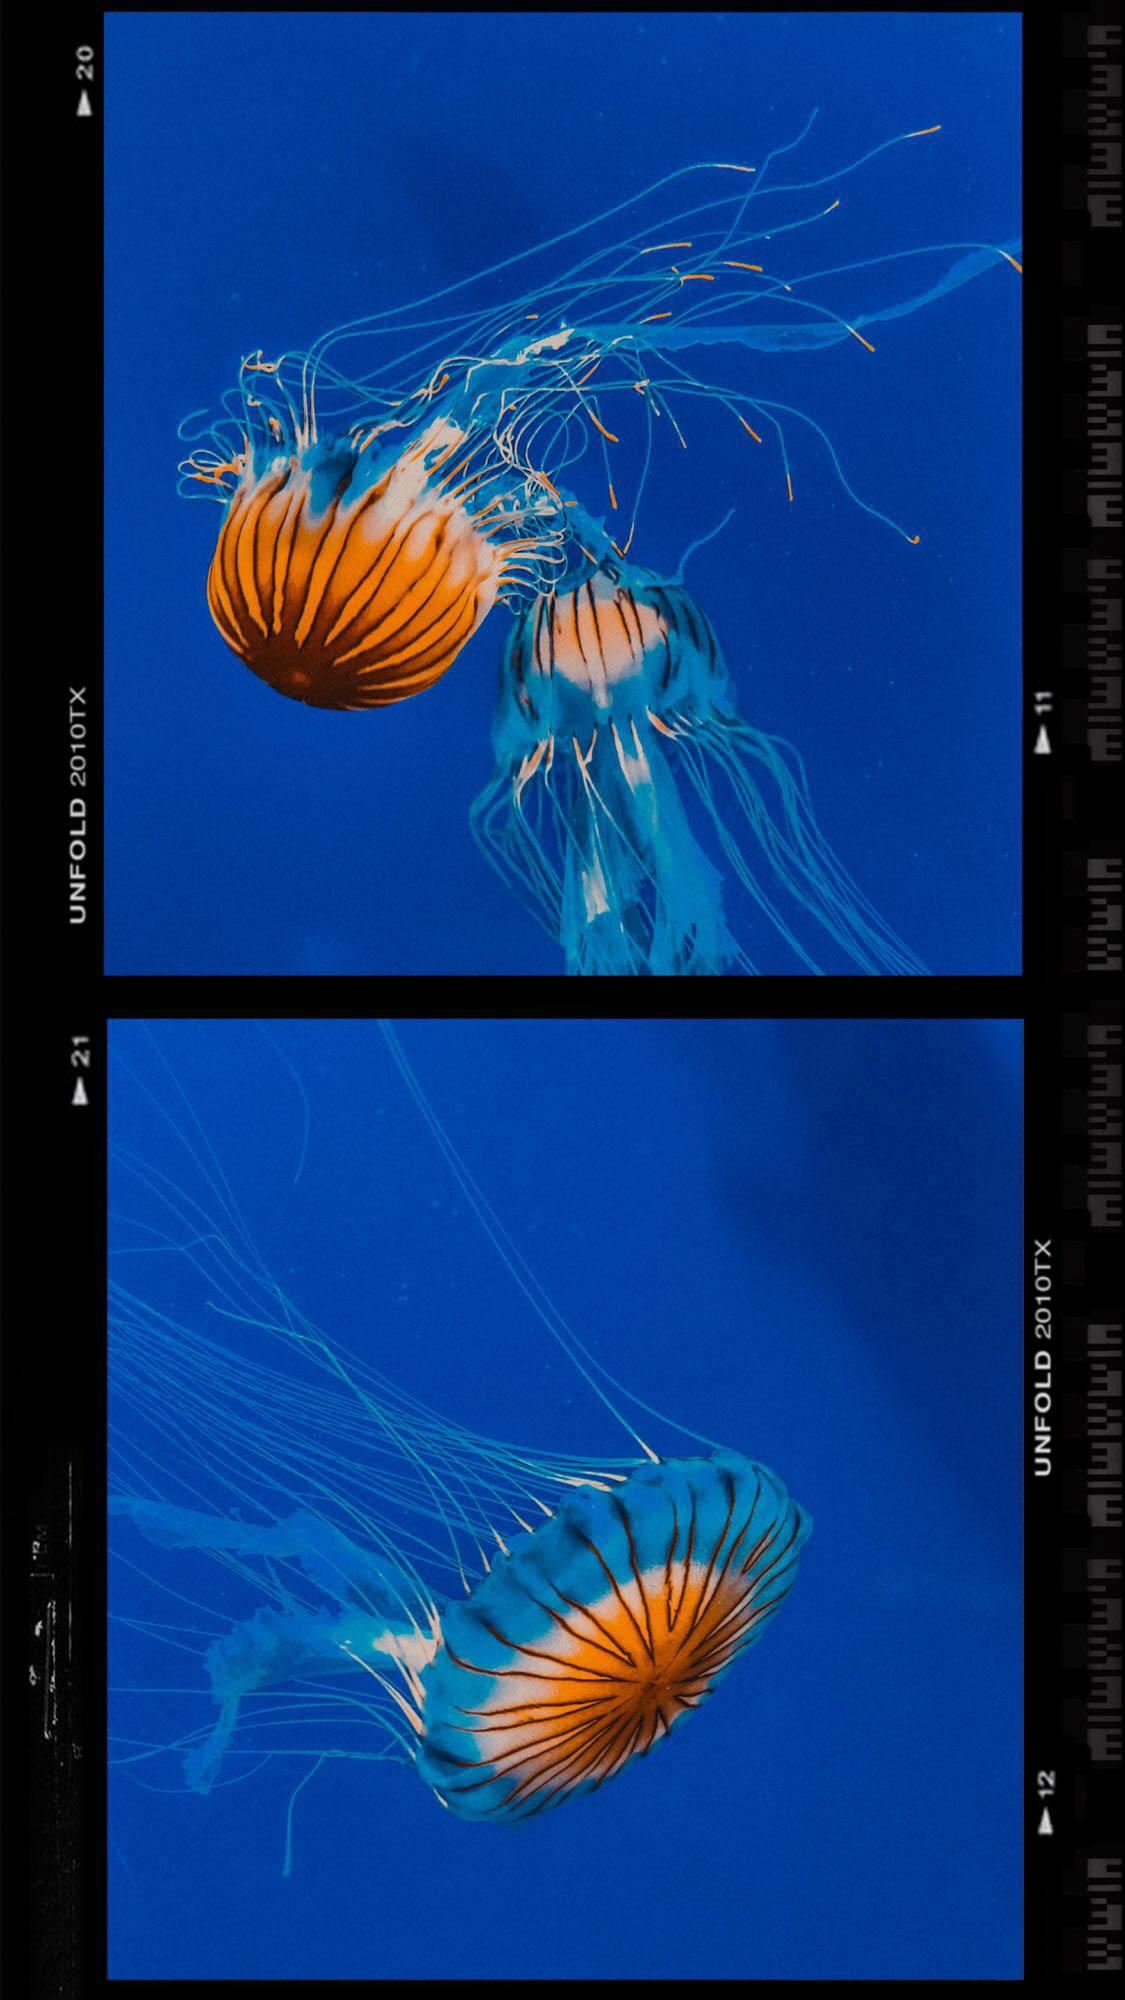 Jellyfish at the Georgia Aquarium | Things to Do in Atlanta | Jordan Hefler